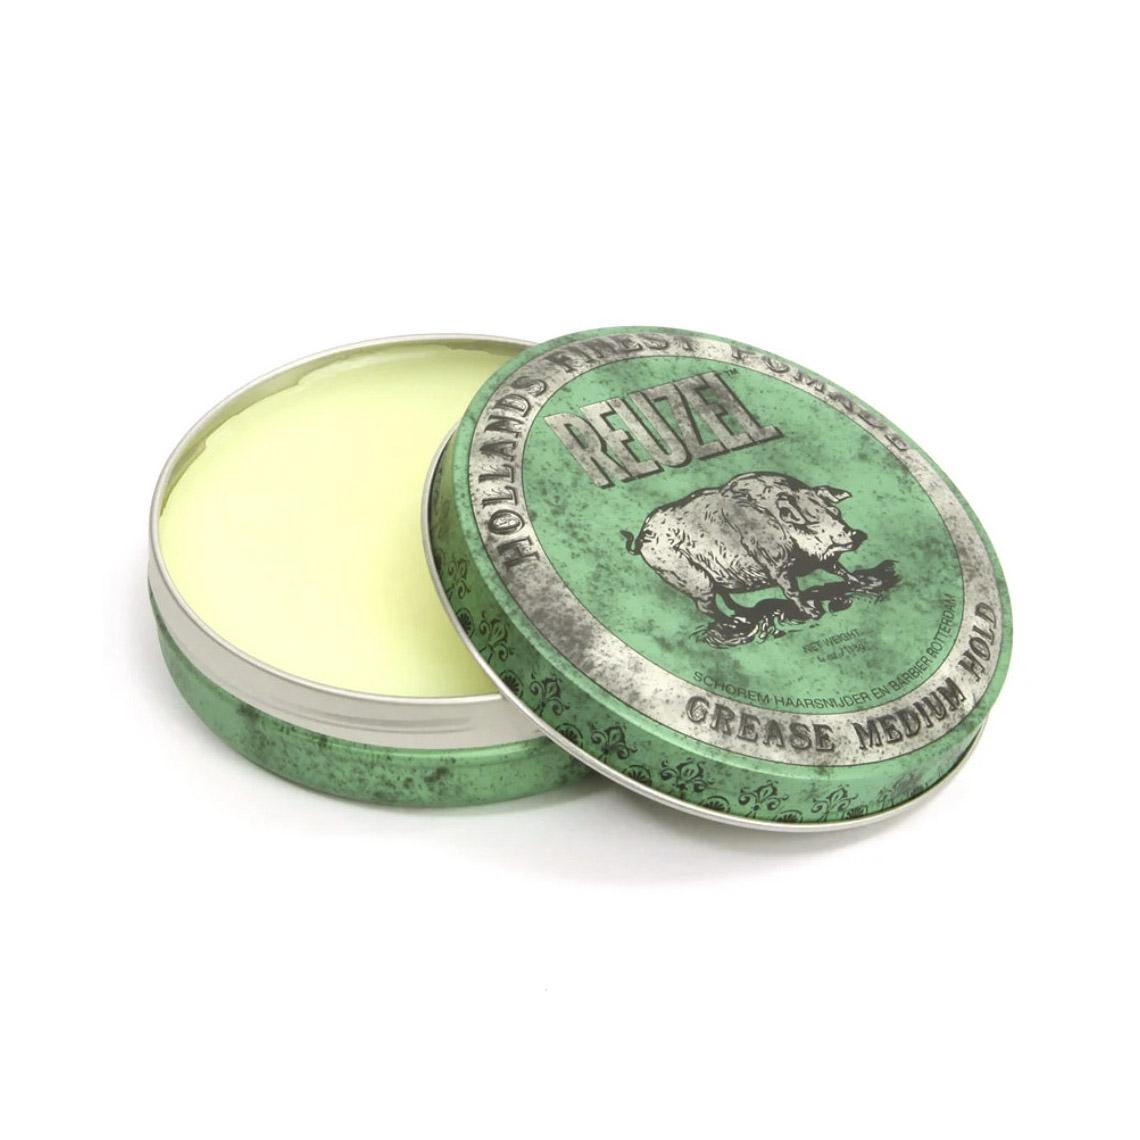 reuzel-green-pomade-02